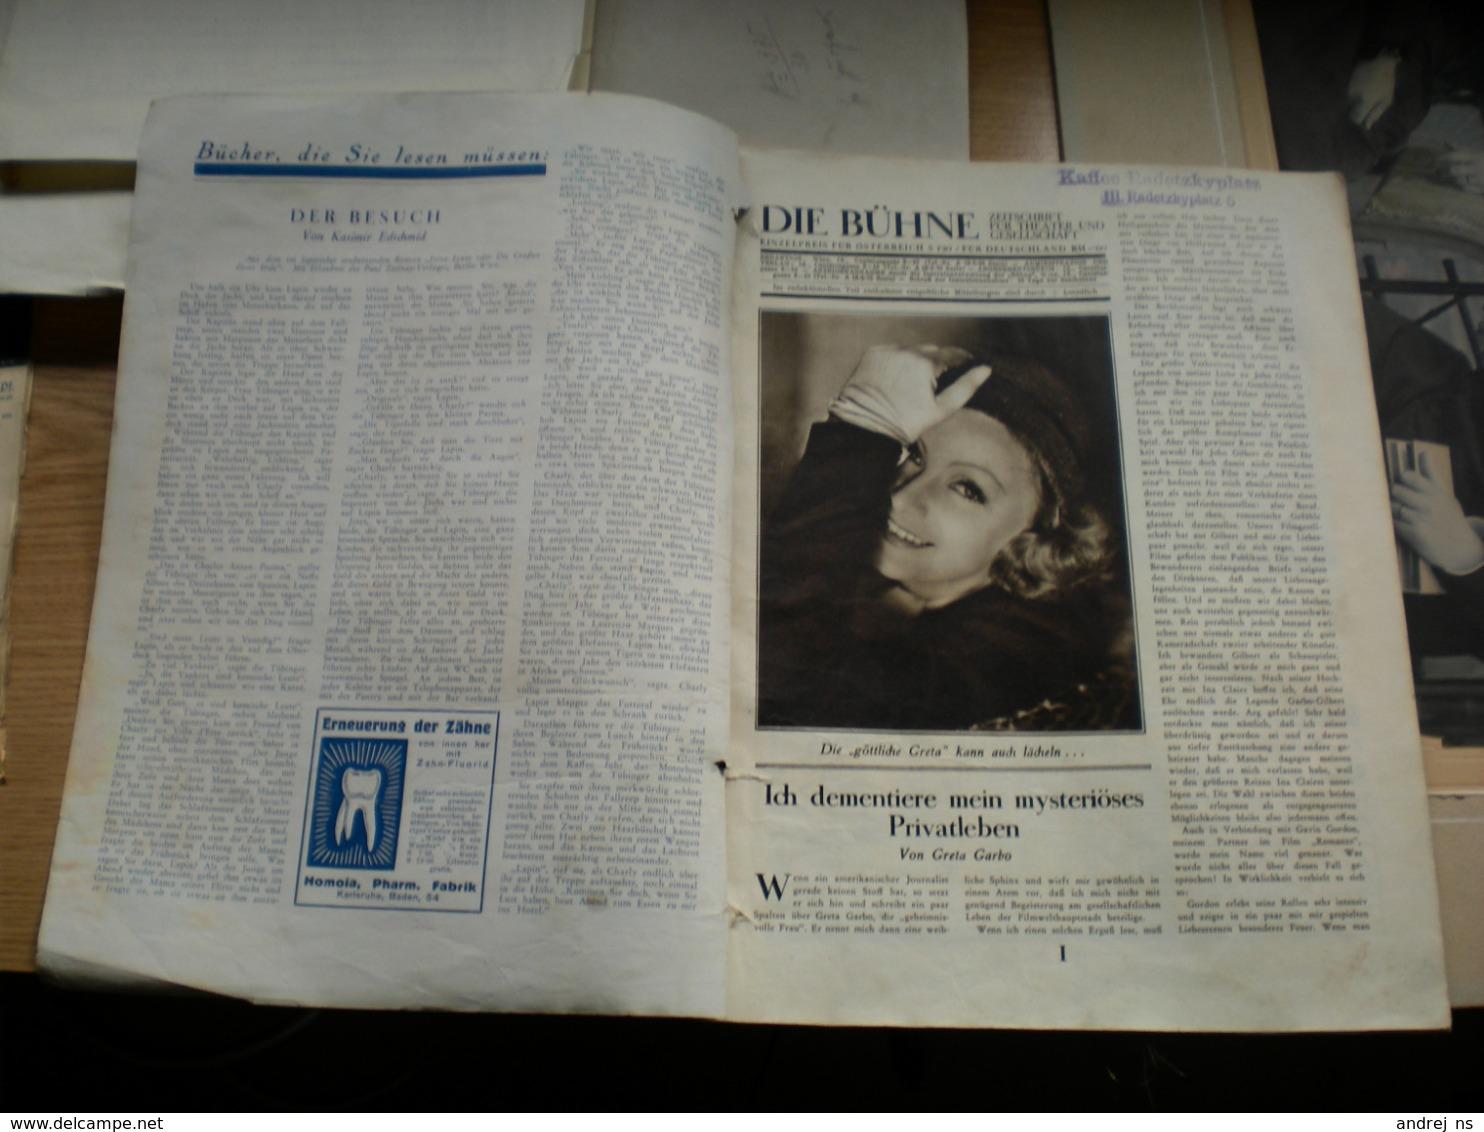 Buhne Wien 1931 Conrad Veidt Als Metternich 62 Pages - Boeken, Tijdschriften, Stripverhalen